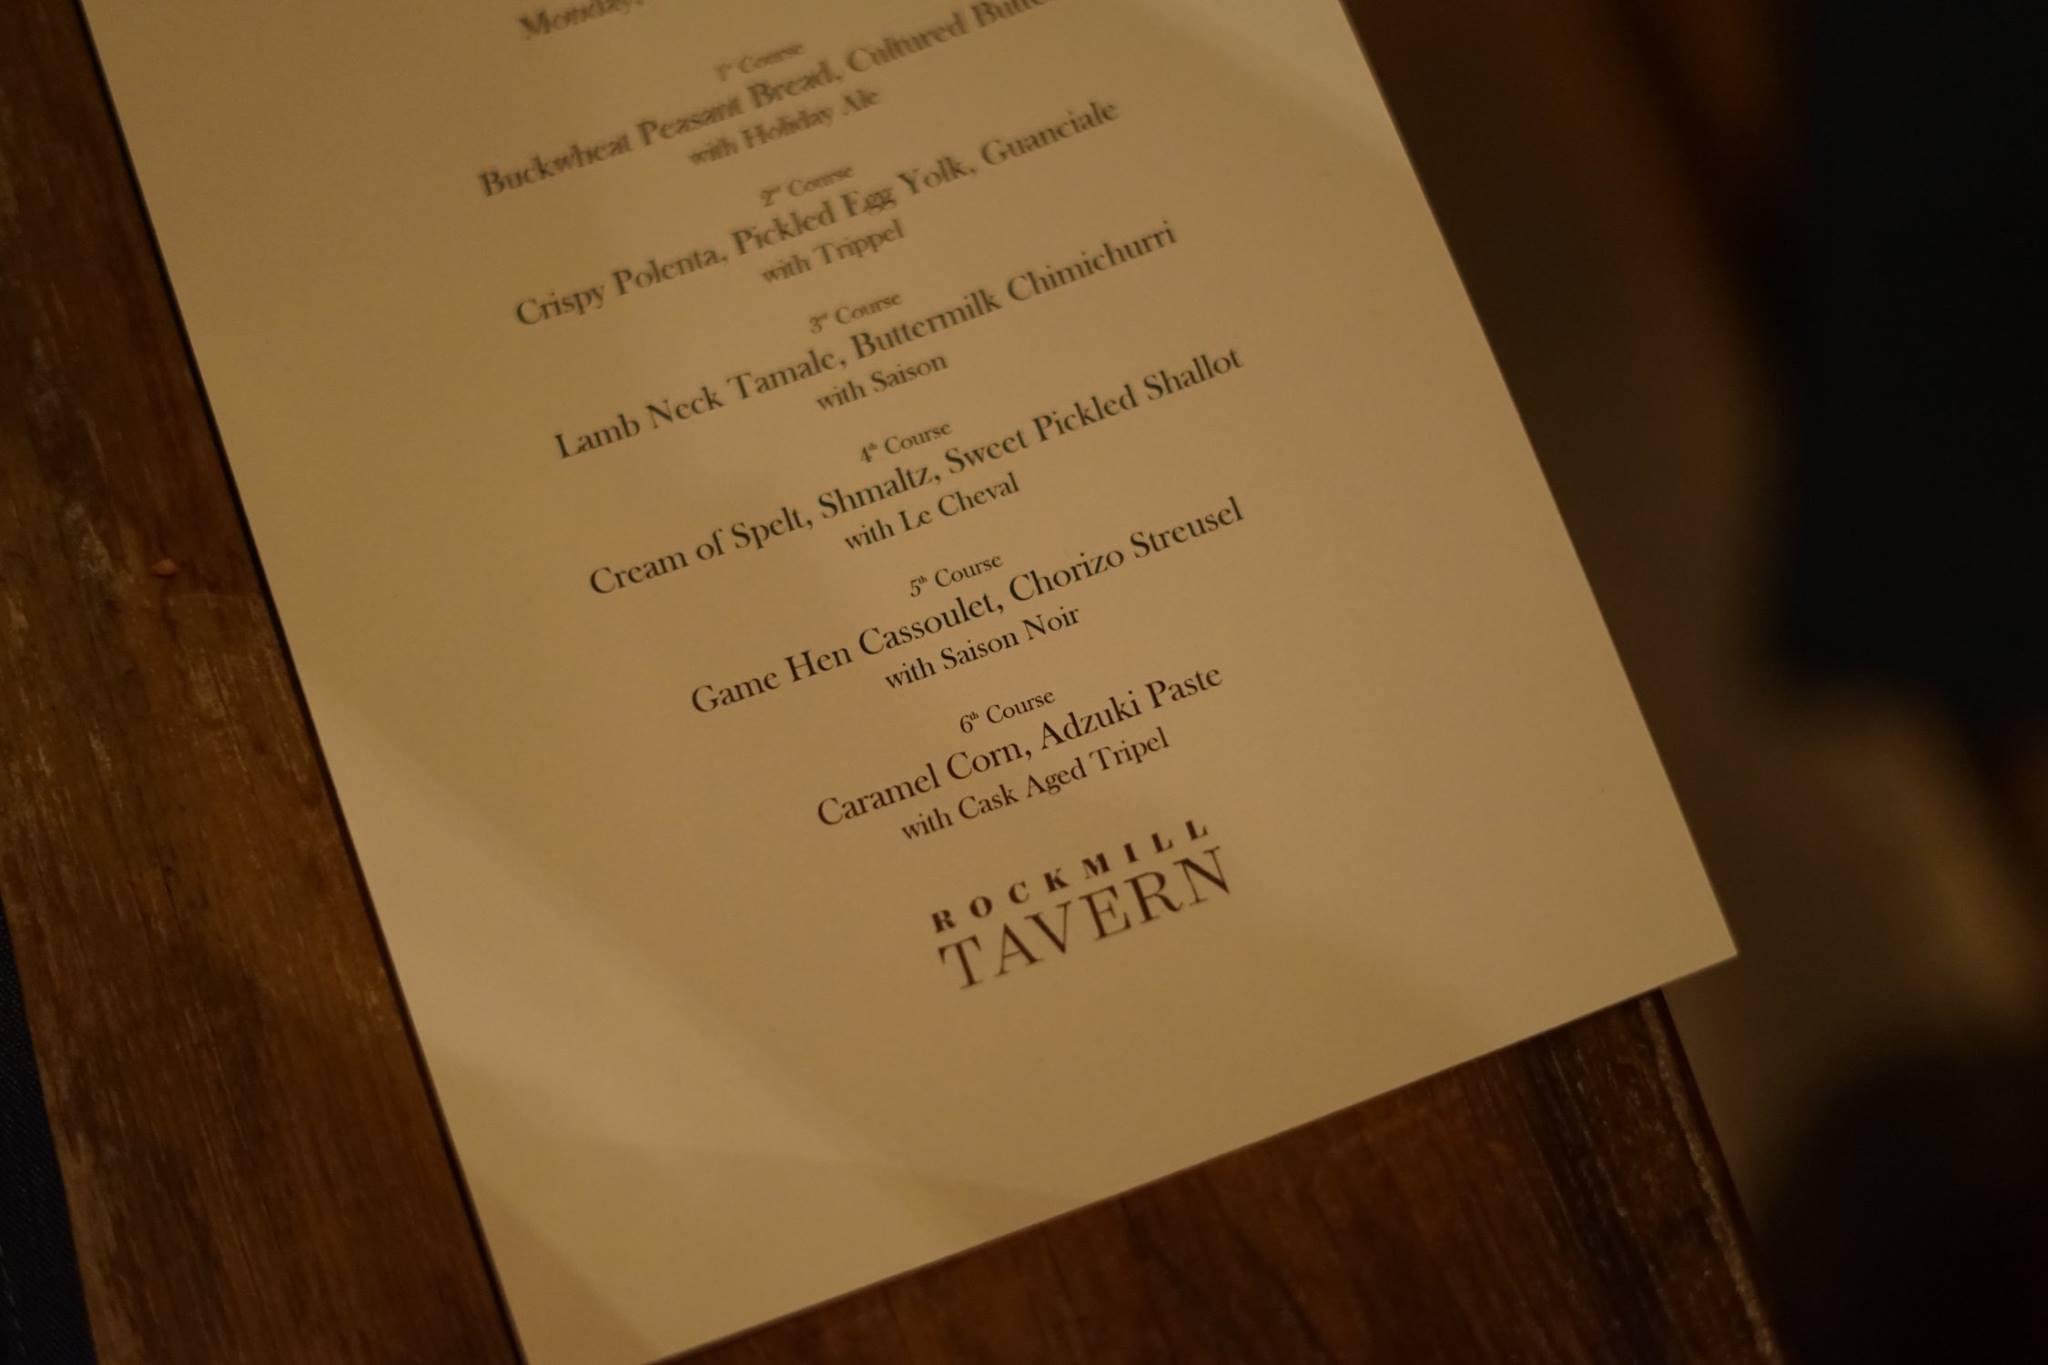 Snailblazer Award dinner menu